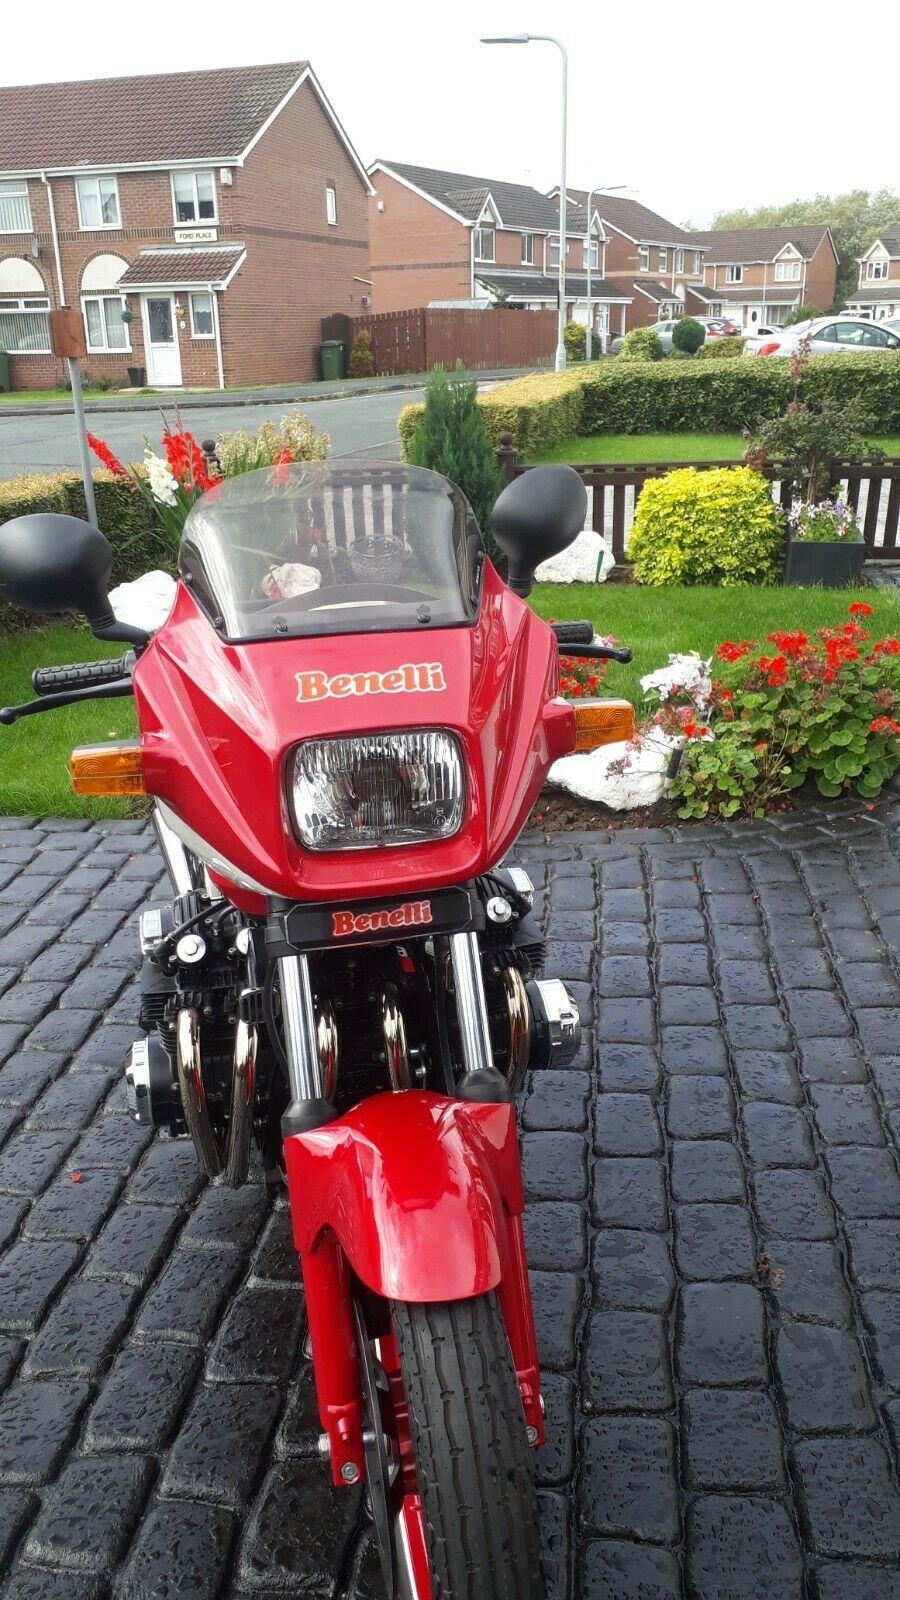 1989 Benelli 900 sei For Sale (picture 4 of 6)